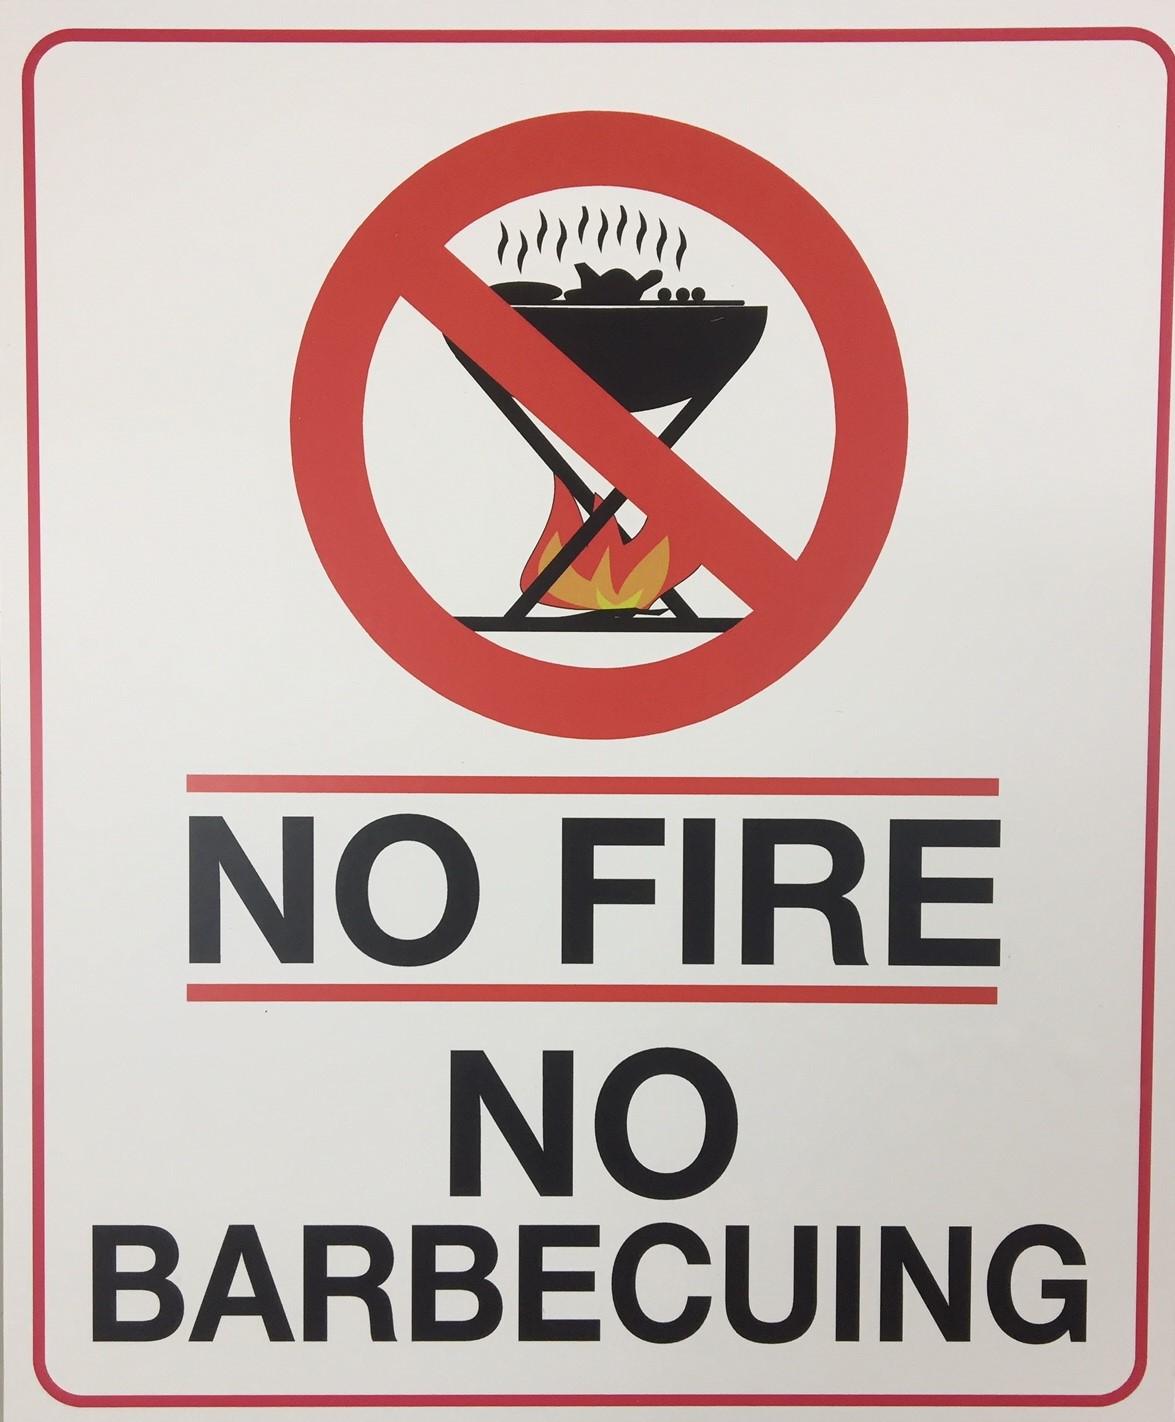 NO FIRE NO BBQ